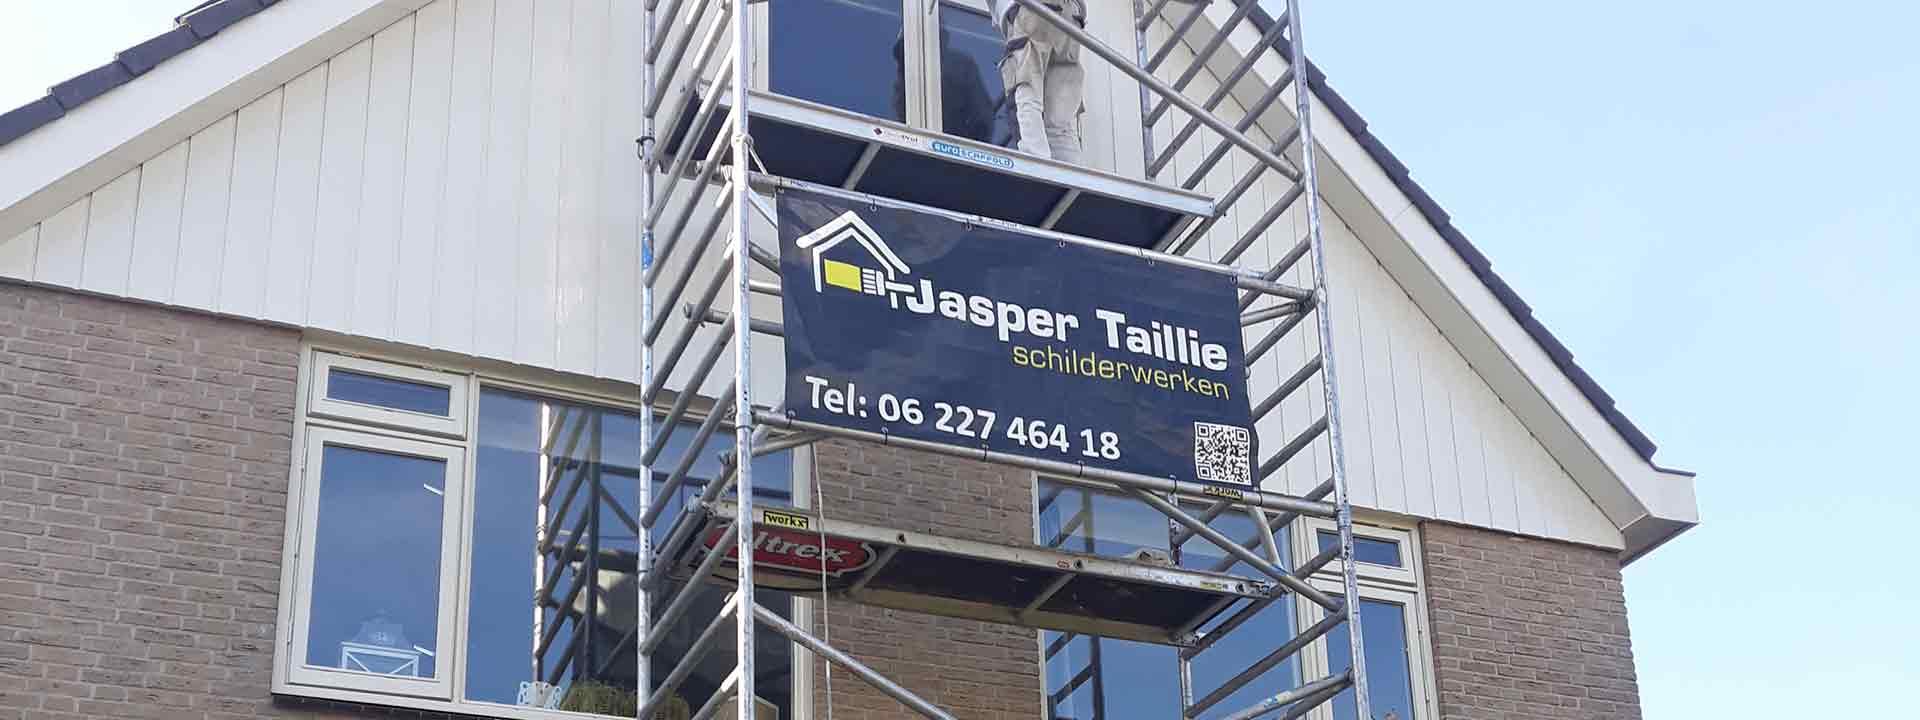 Jasper Taillie Schilderwerken